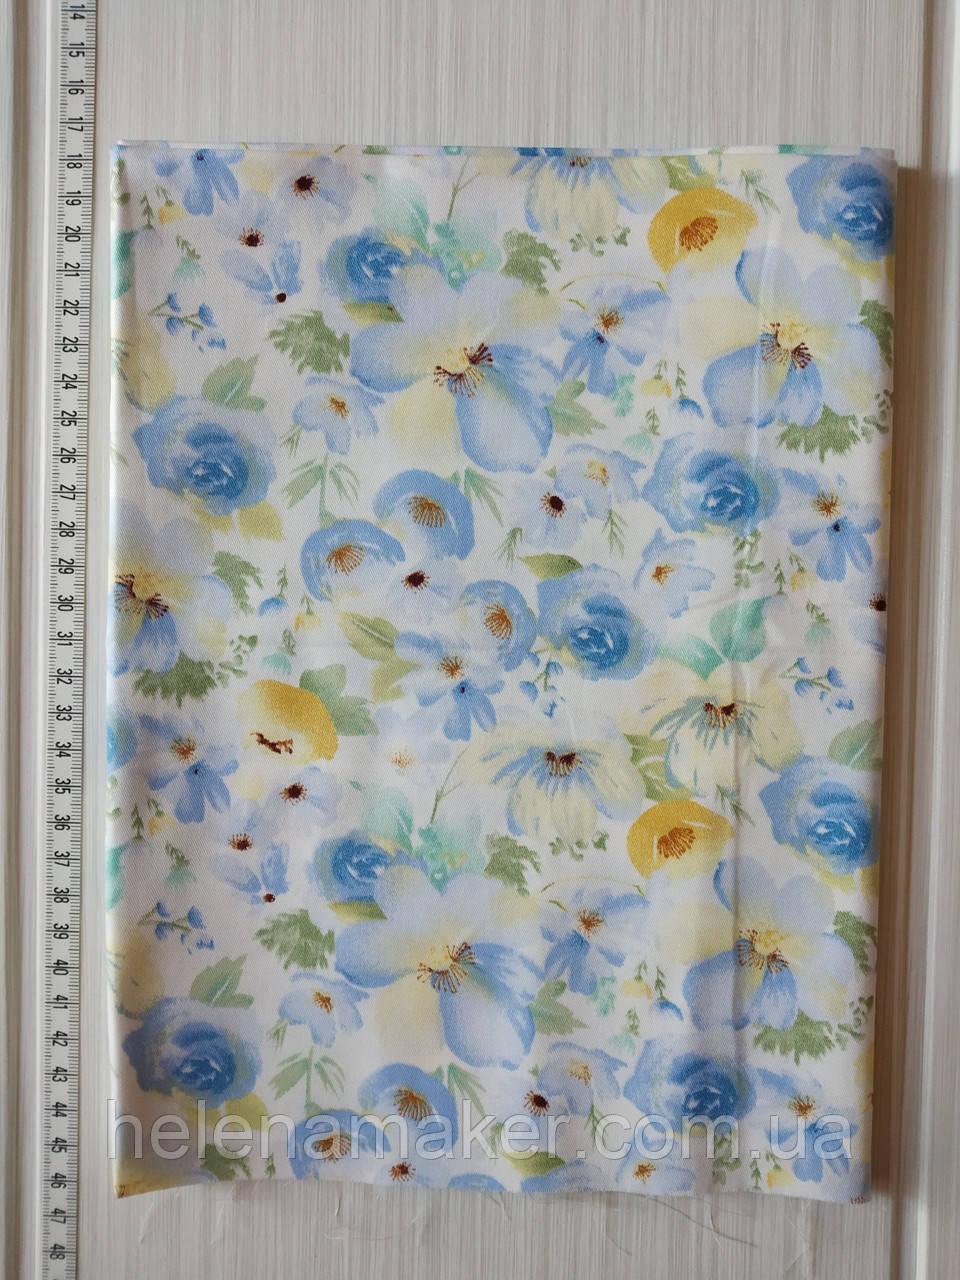 Акварельные голубые цветы. Отрез сатина 40*50 см.